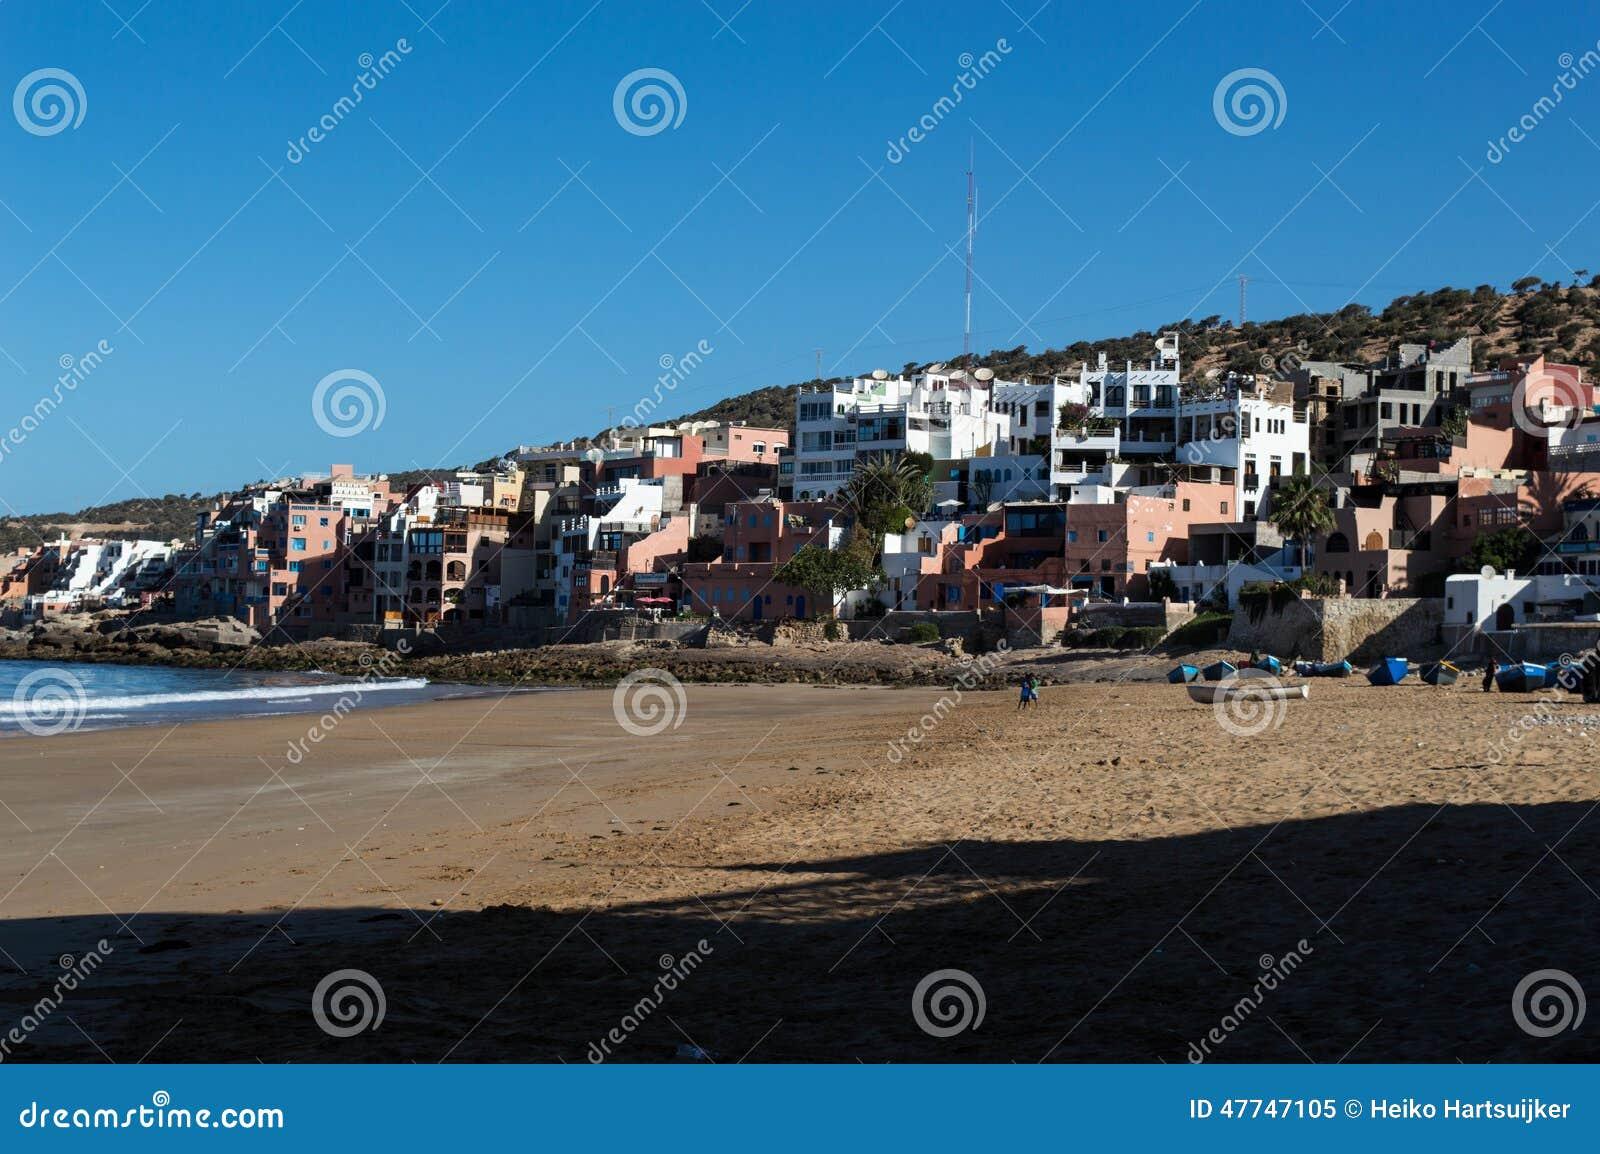 Village de Maroc à la plage